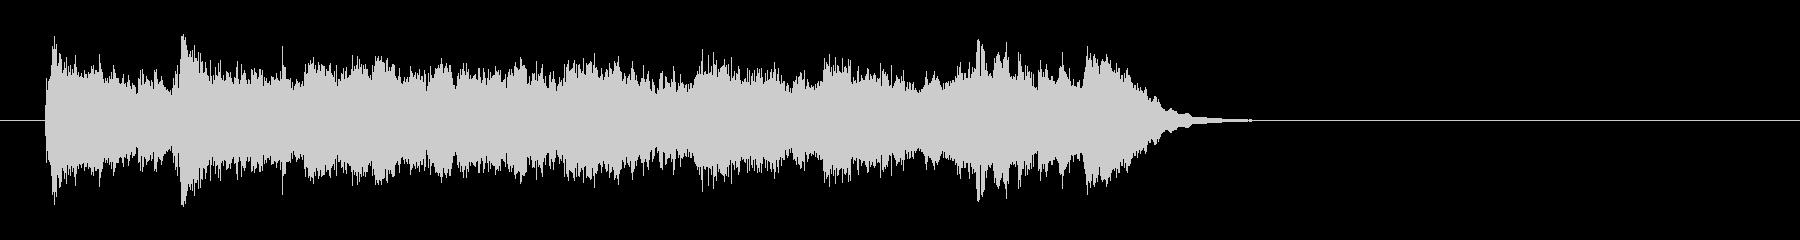 ワルツなセミクラ風ポップ(サビ)の未再生の波形